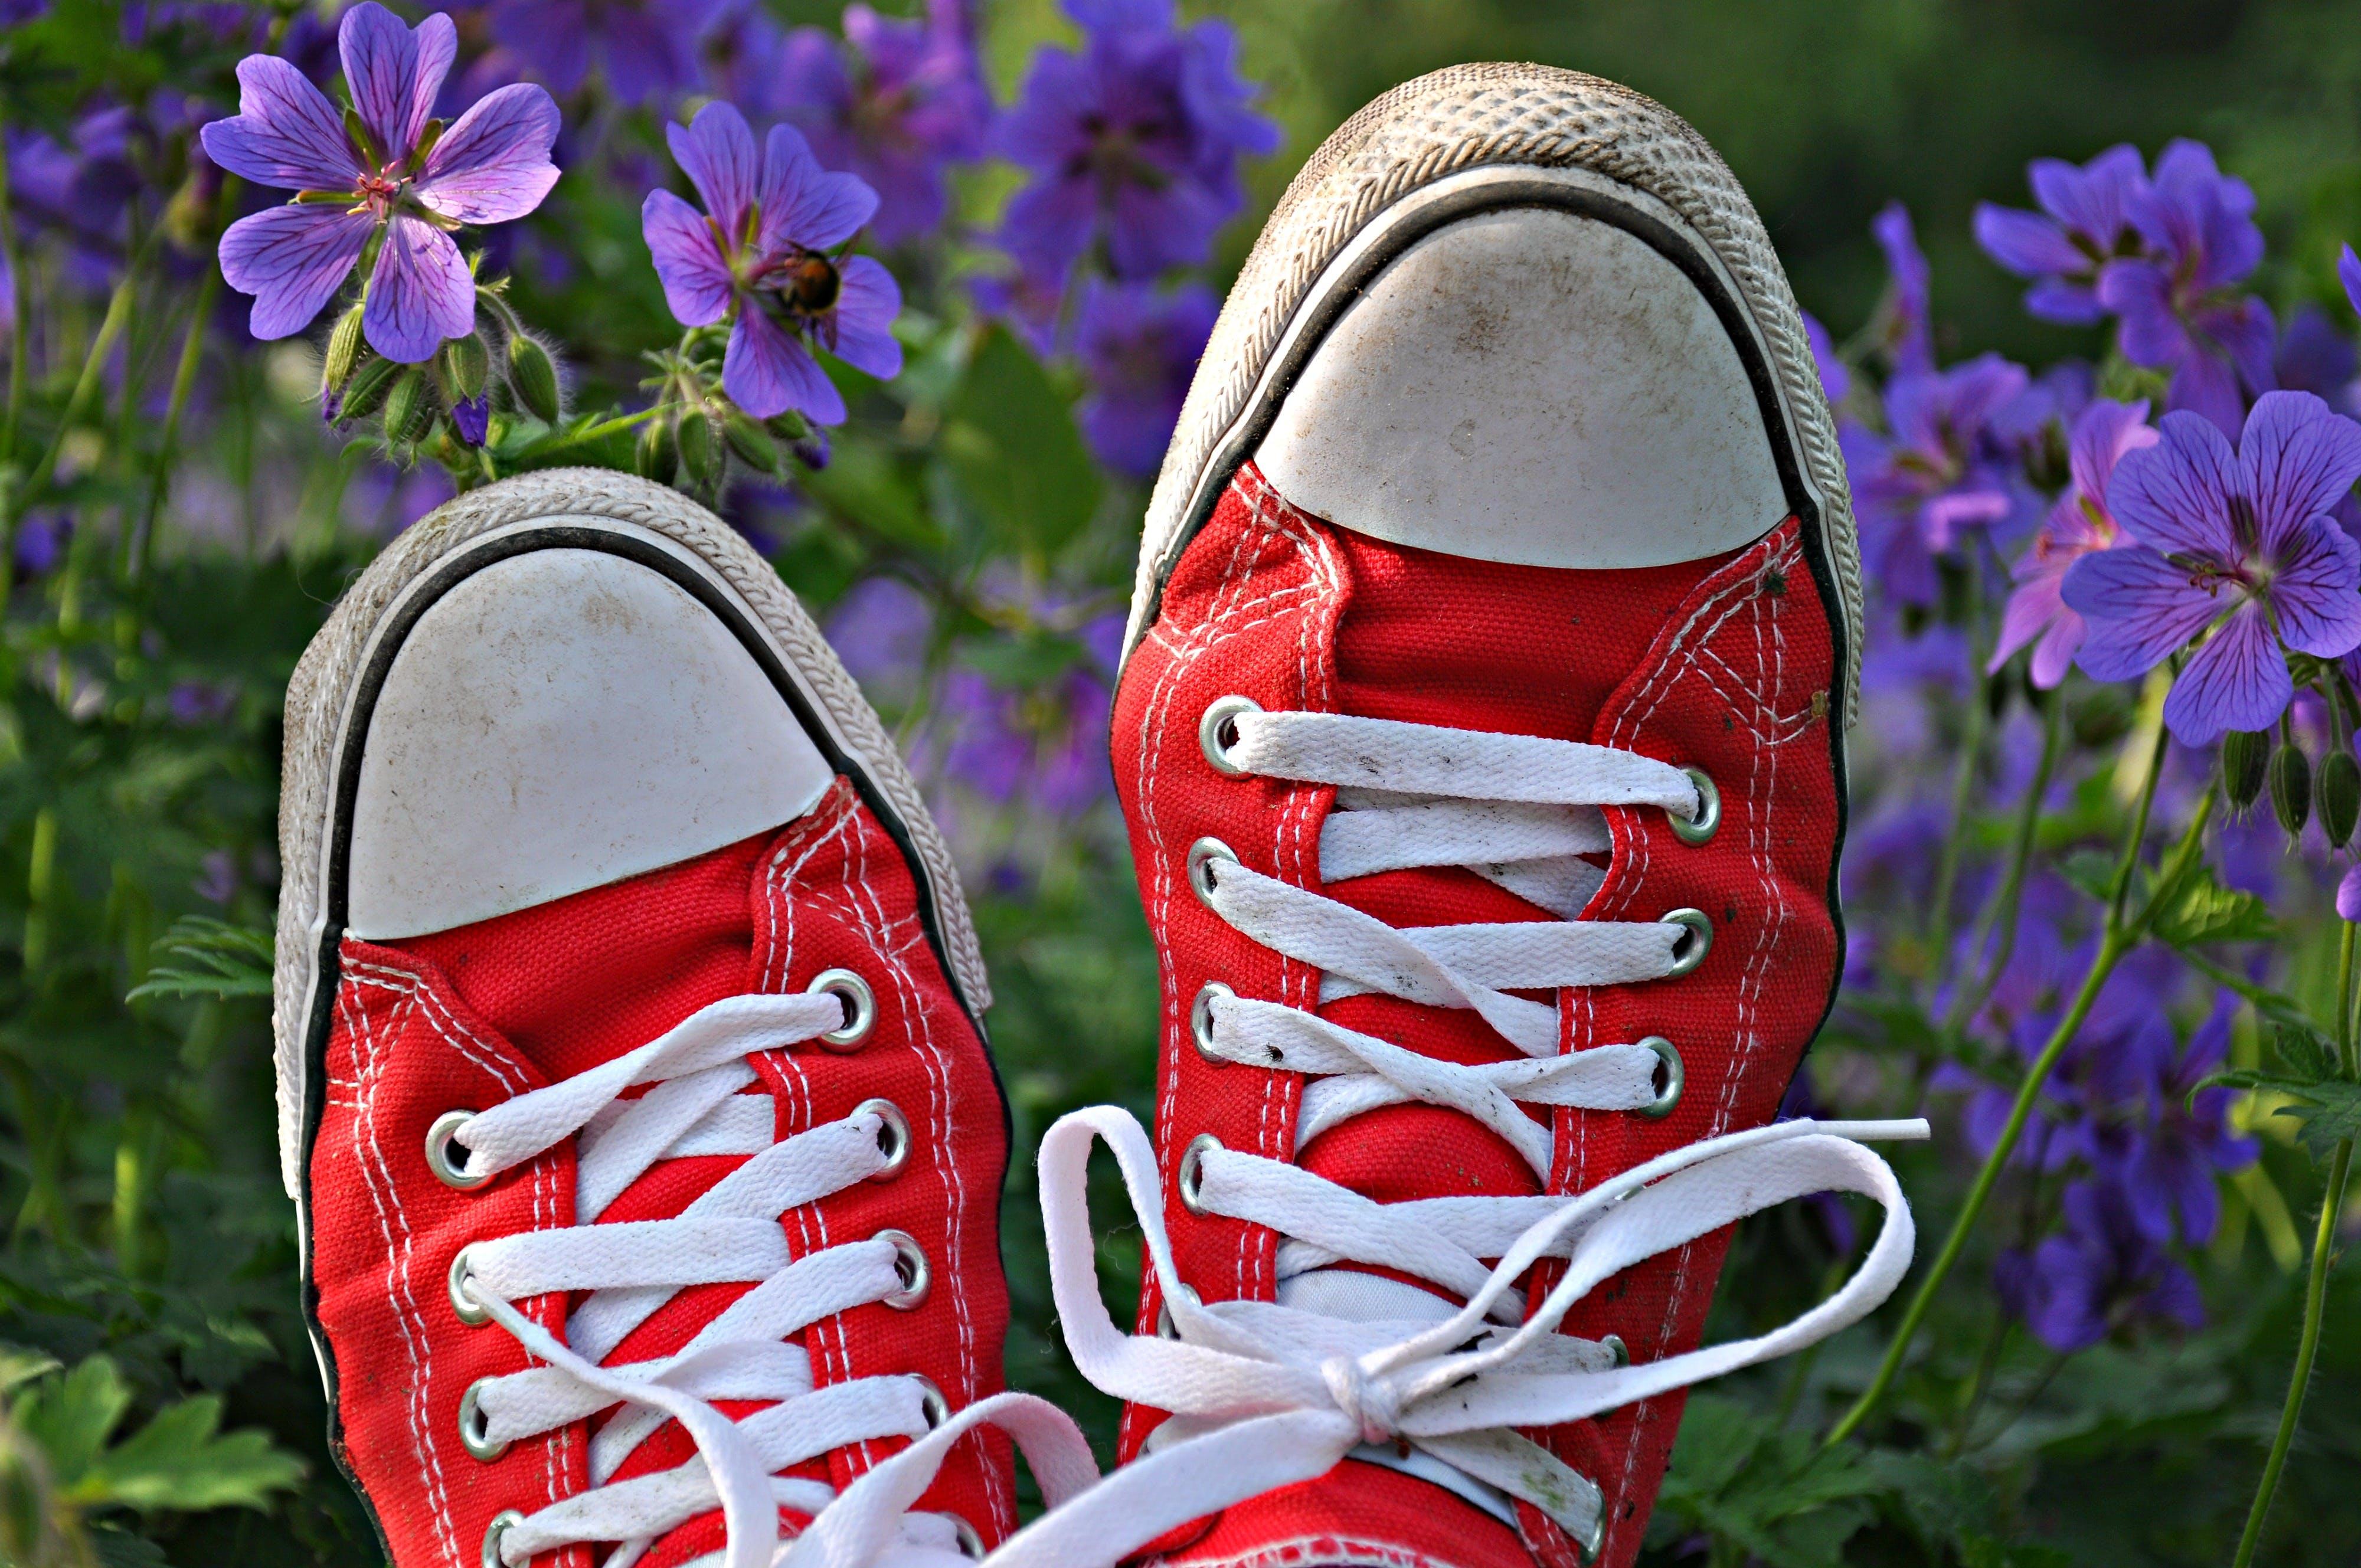 Gratis lagerfoto af bane, beskidt, blomster, close-up